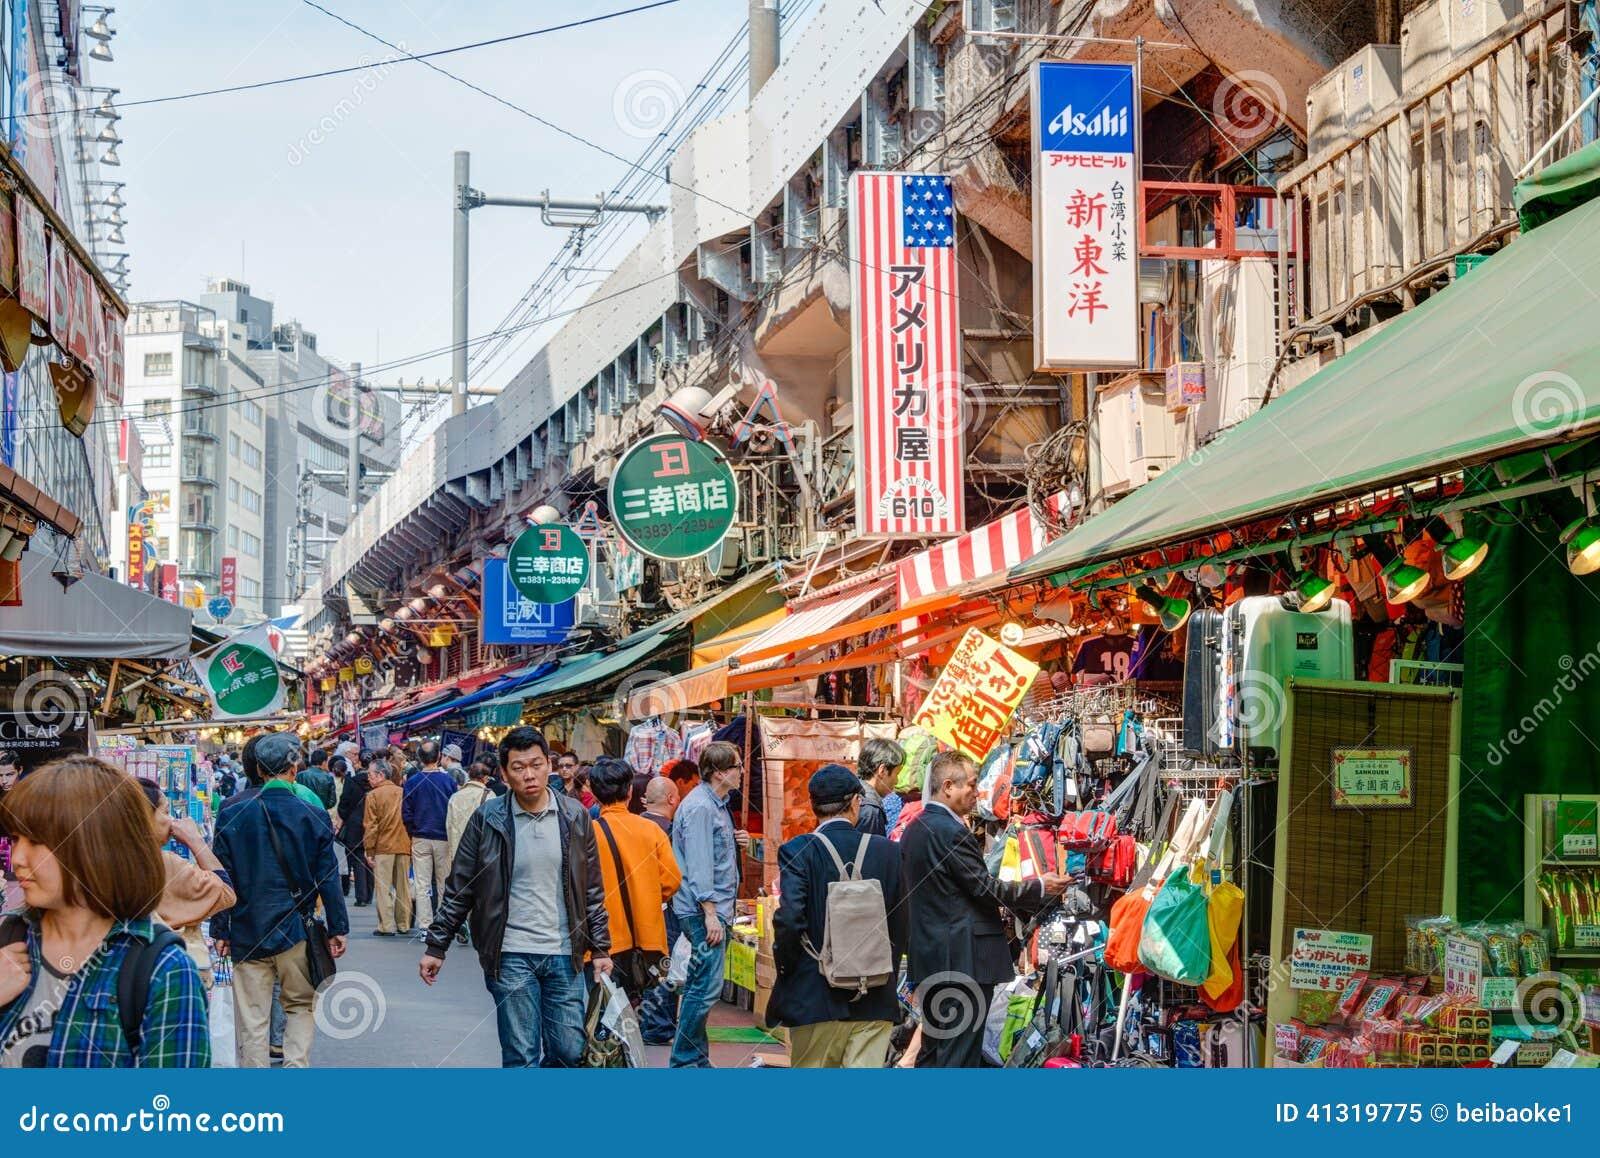 Japan forex market opening time